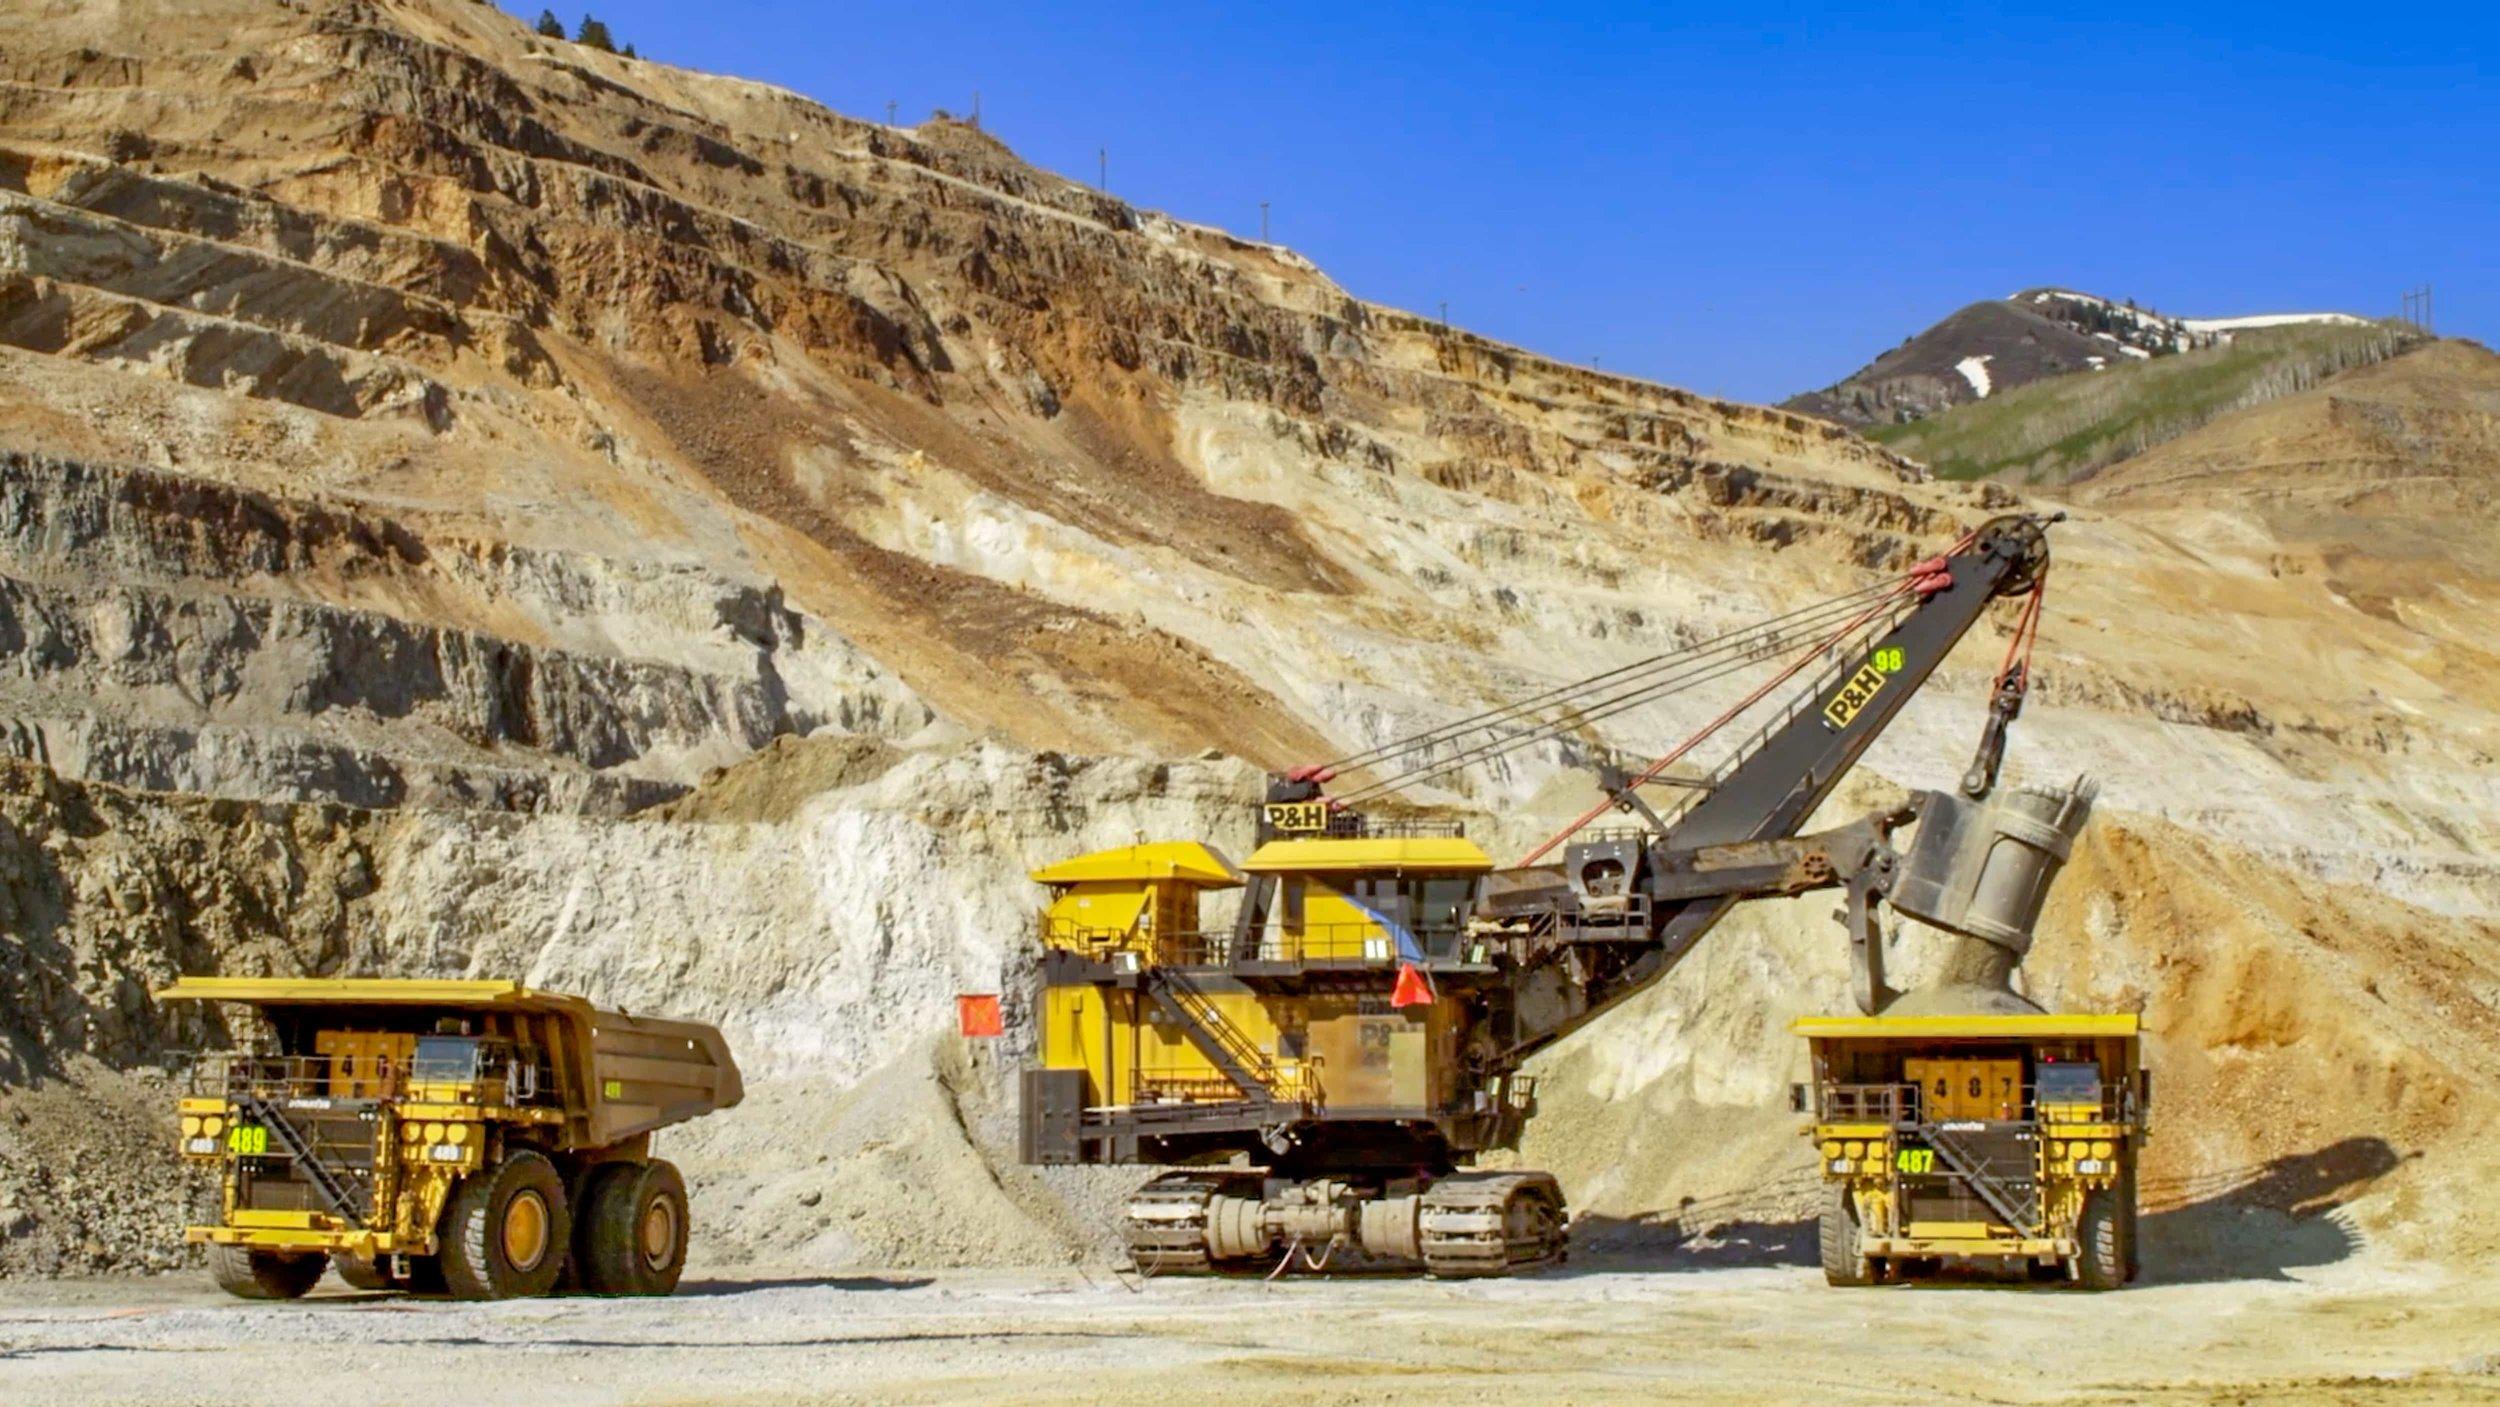 shovel loads truck 2.jpg